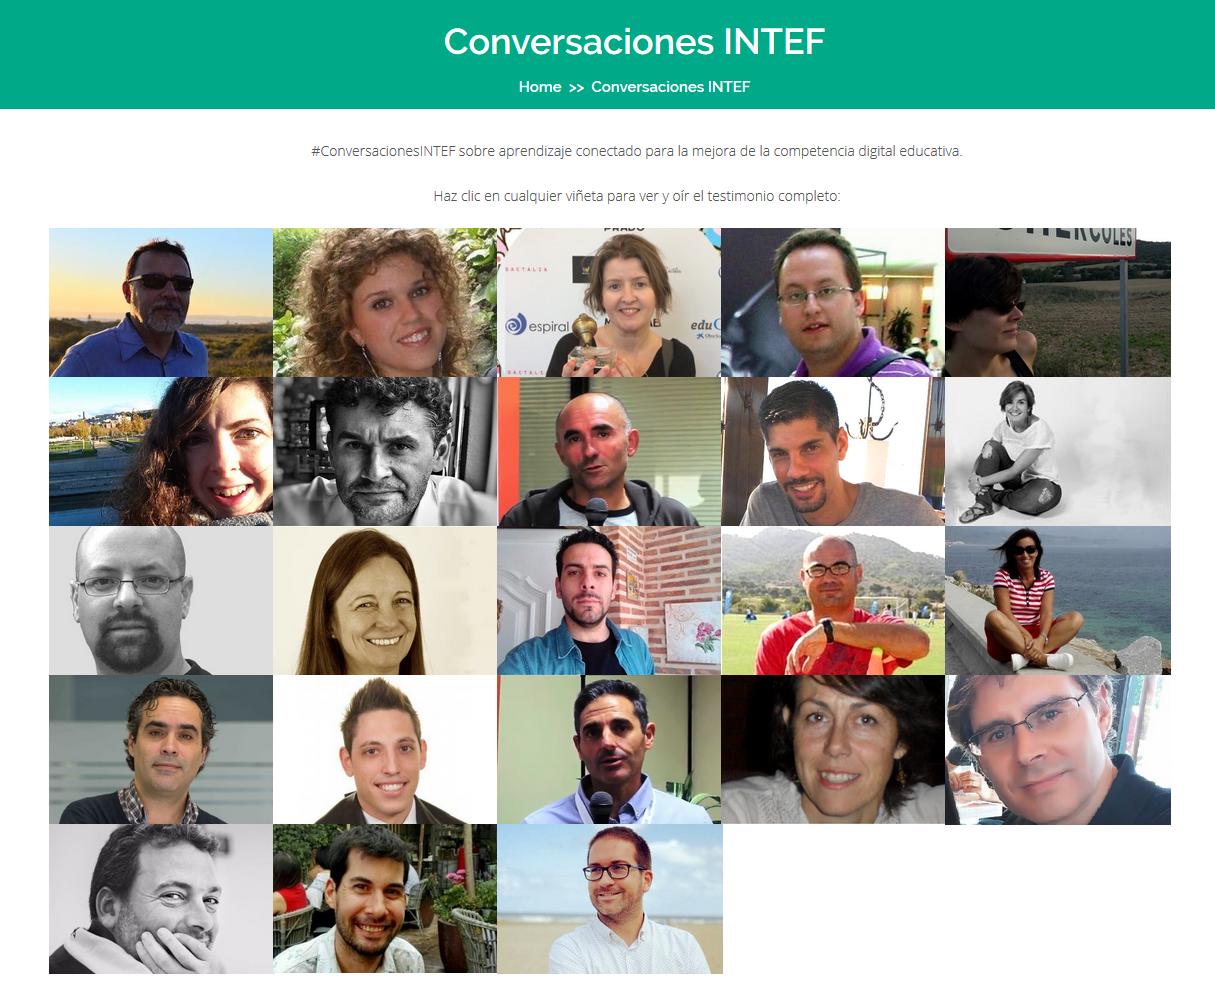 Presentamos 'ConversacionesINTEF' sobre aprendizaje conectado para la mejora de la competencia digital educativa